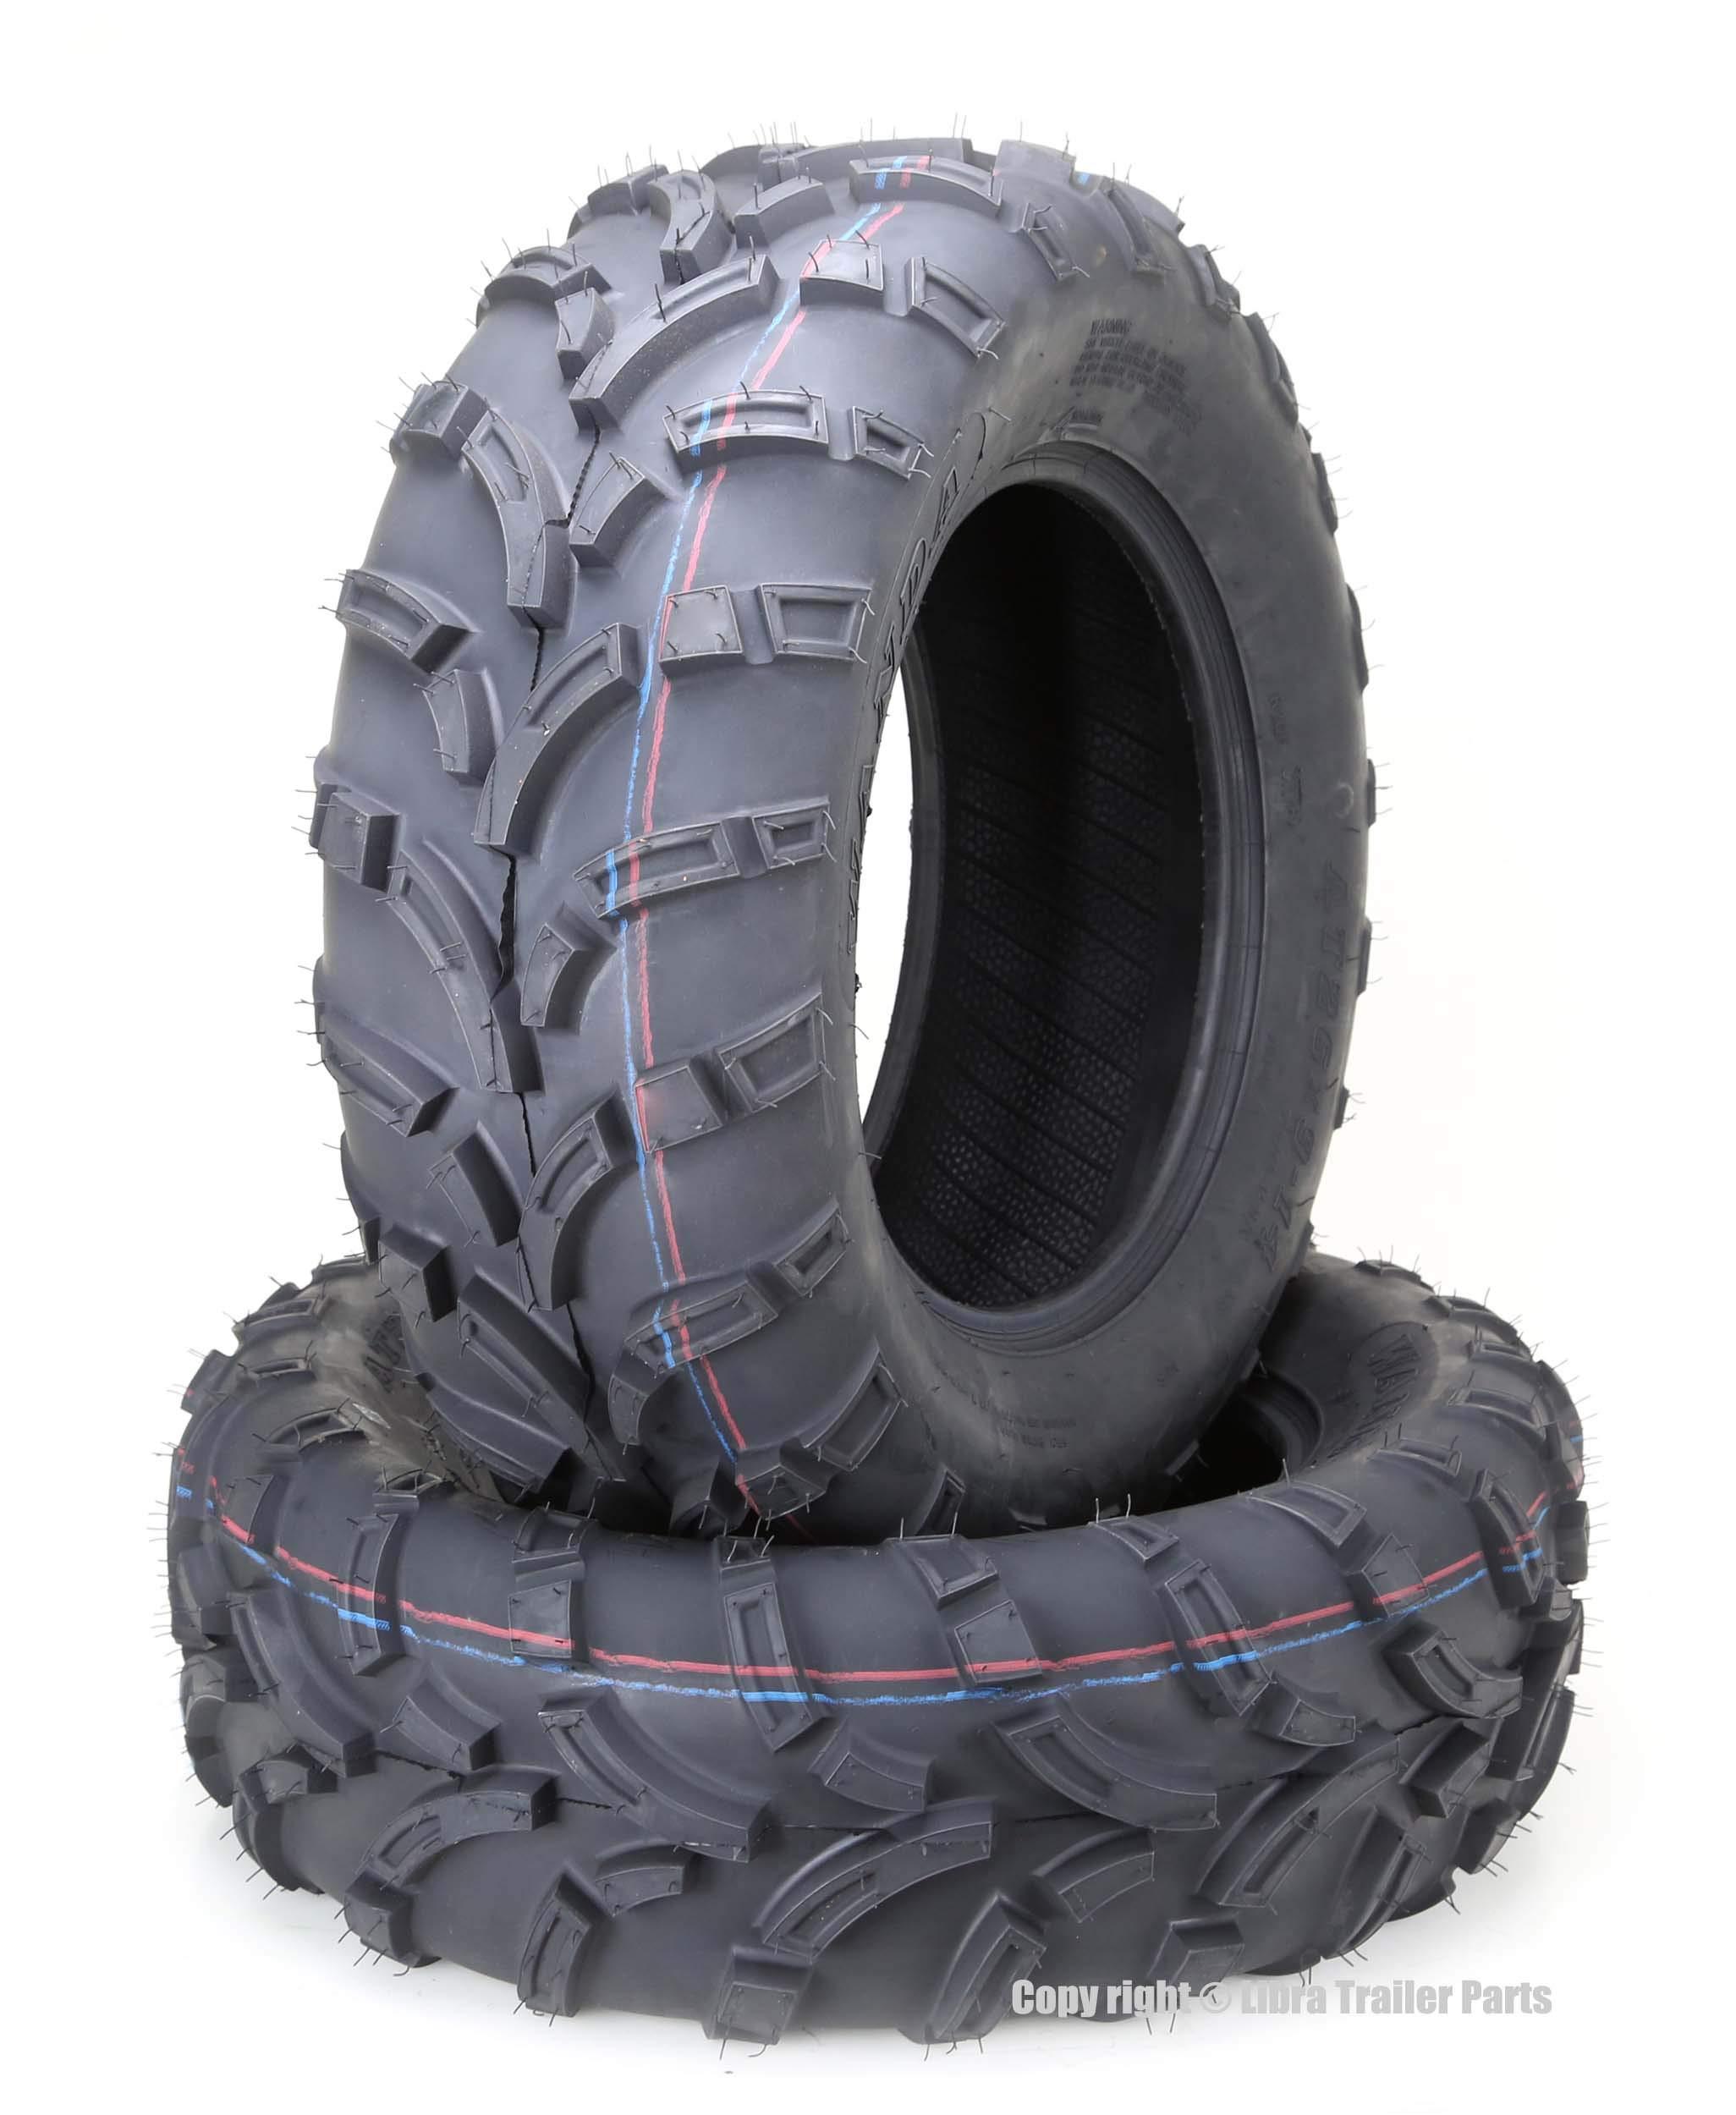 Set of 2 WANDA ATV UTV Tires 26x9-14 26x9x14 6PR P373 Mud … by WANDA (Image #1)